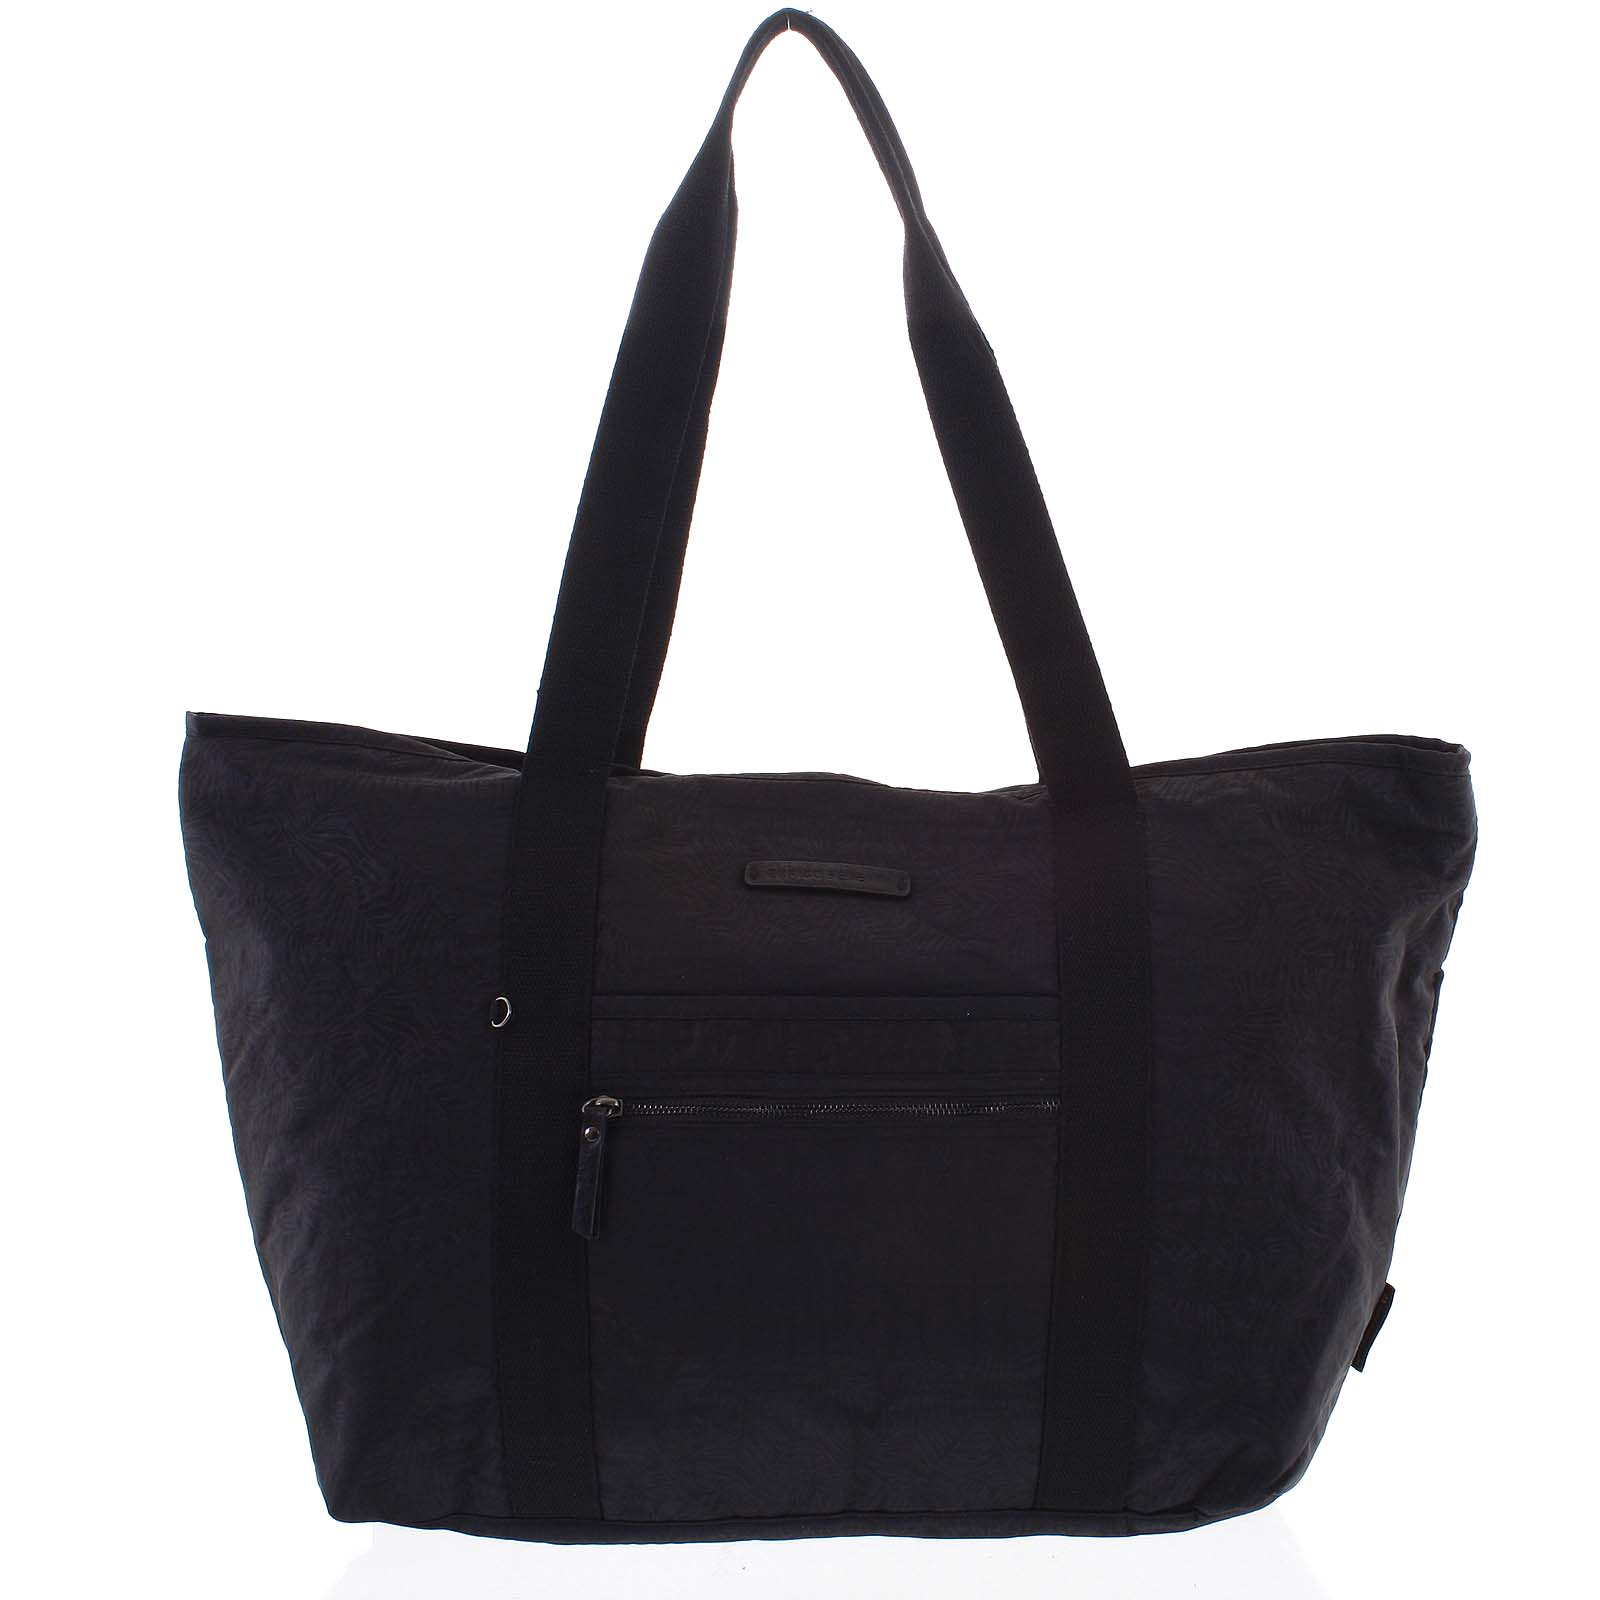 Veľká dámska cestovná taška cez plece čierna - Enrico Benetti Mariam